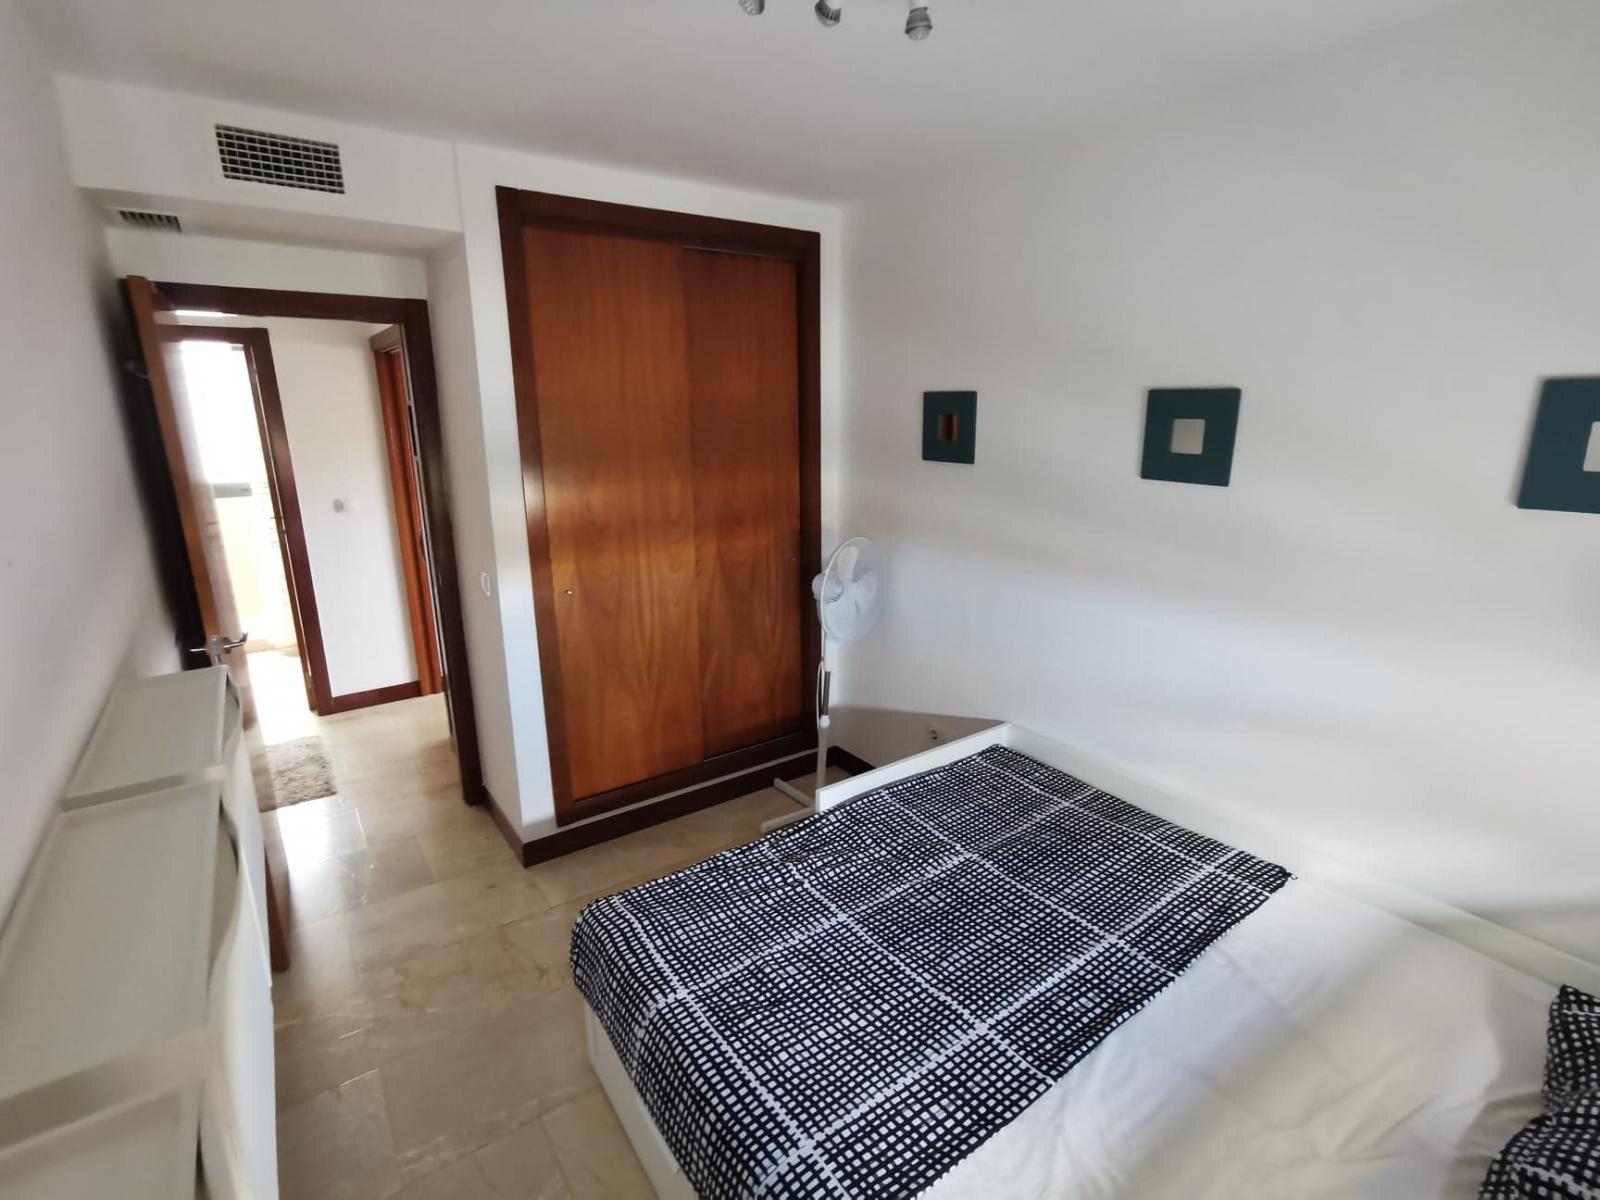 Chambre-3-Lomas-de-Campoamor